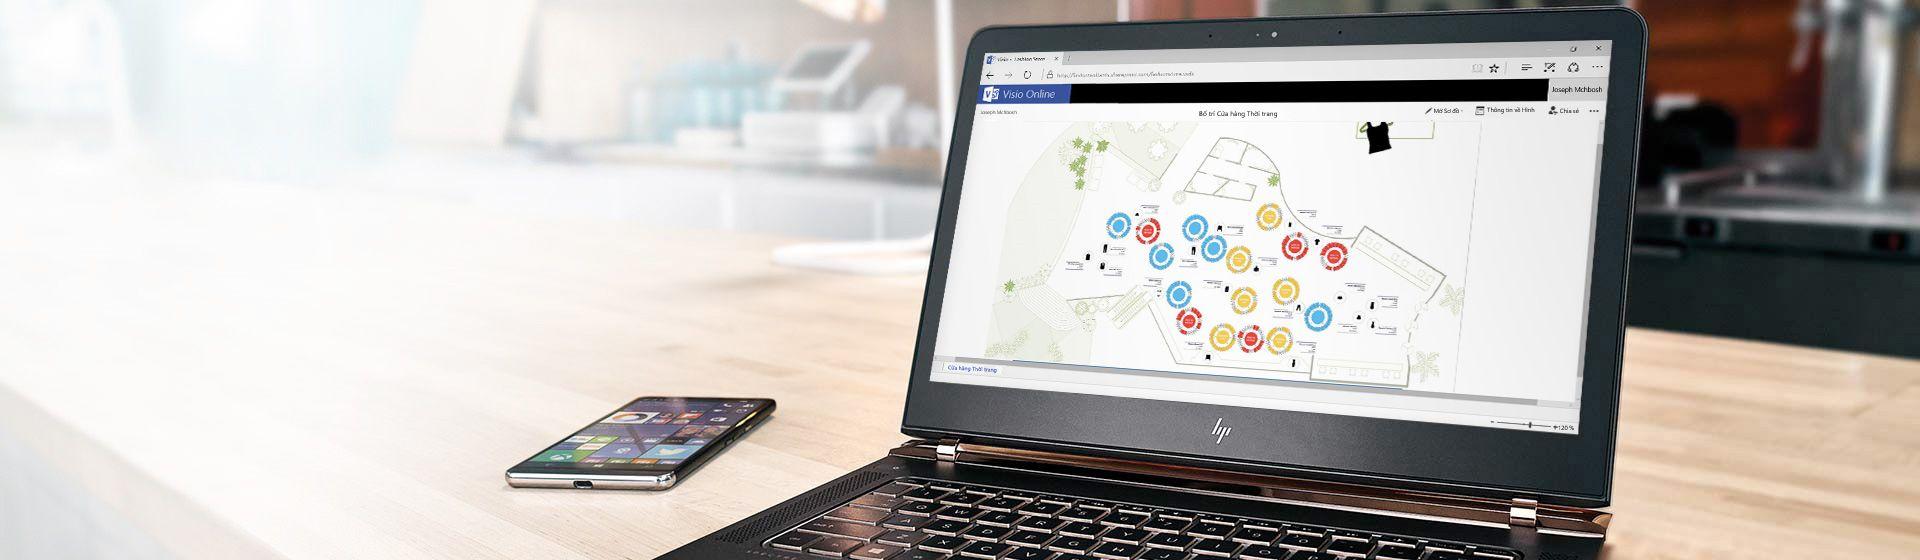 Một chiếc điện thoại trên bàn cạnh máy tính xách tay hiển thị sơ đồ trong Visio Online